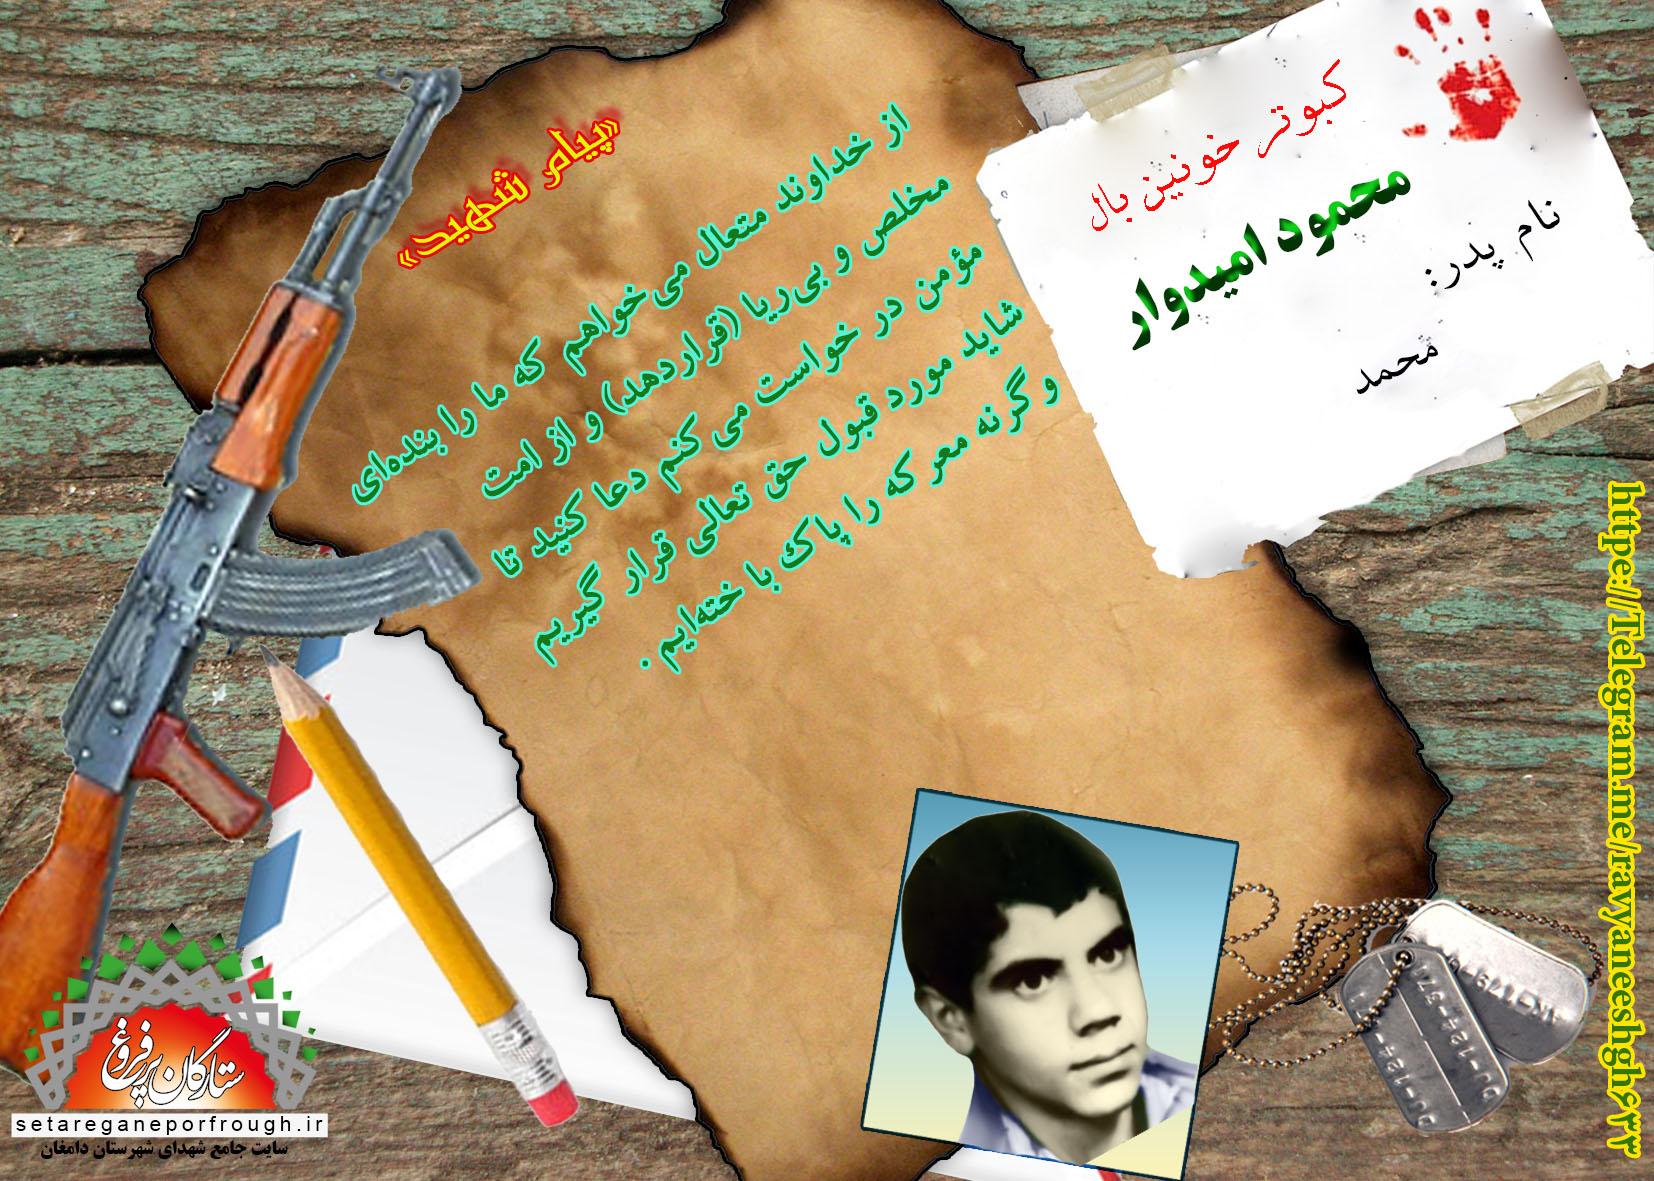 پیام و گزیدهای از وصیتنامه شهید محمود امیدوار